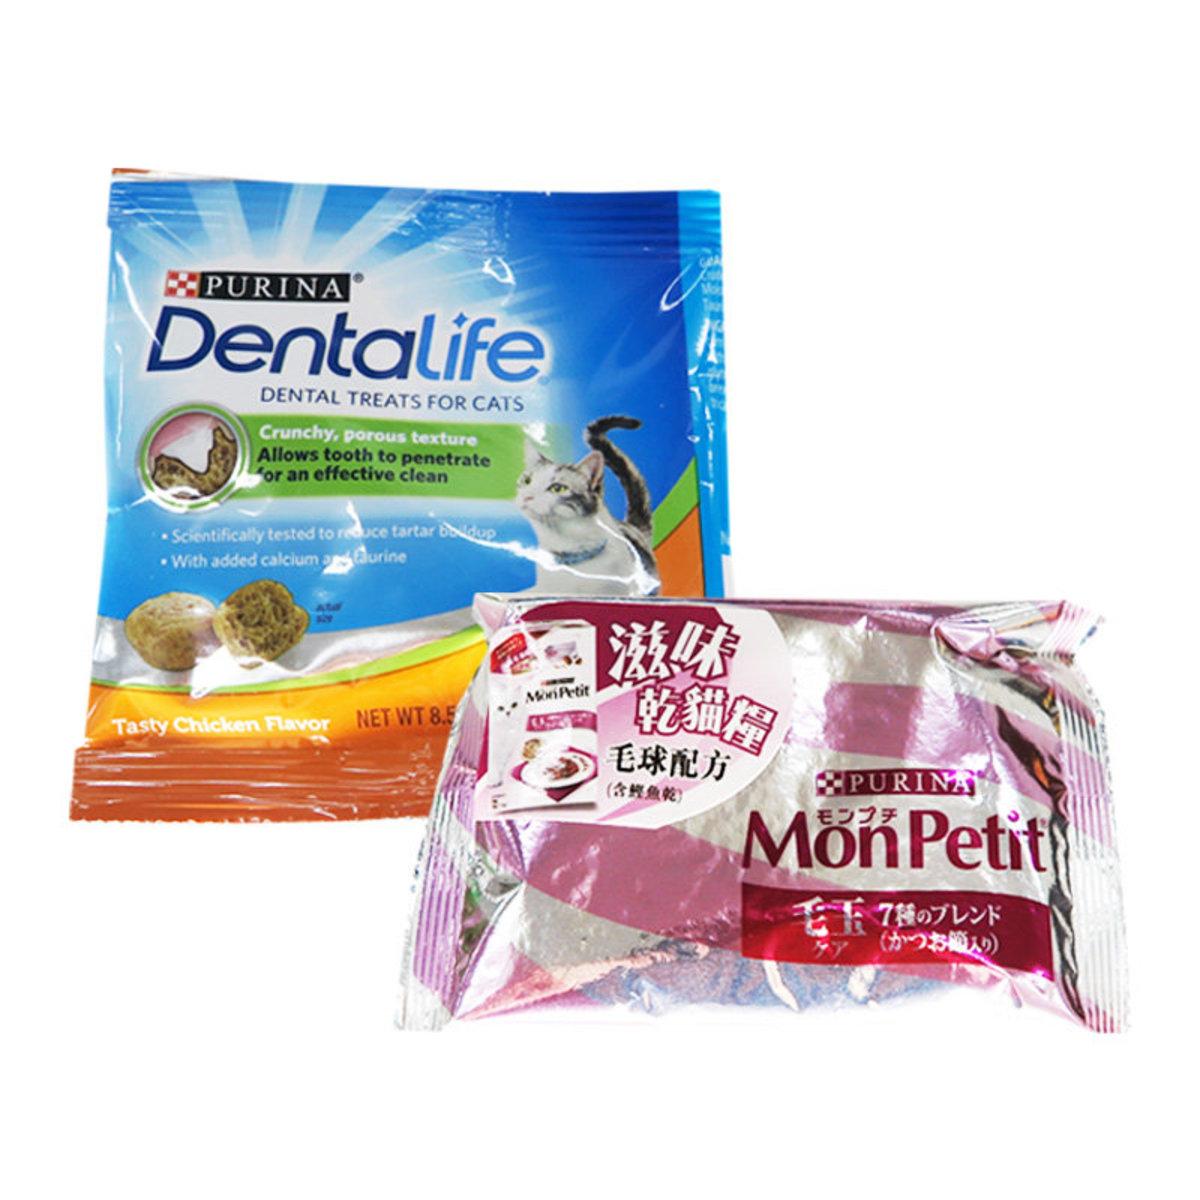 (贈品) Purina MonPetit / Dentalife / ProPlan 貓糧試食包 隨機款式2包